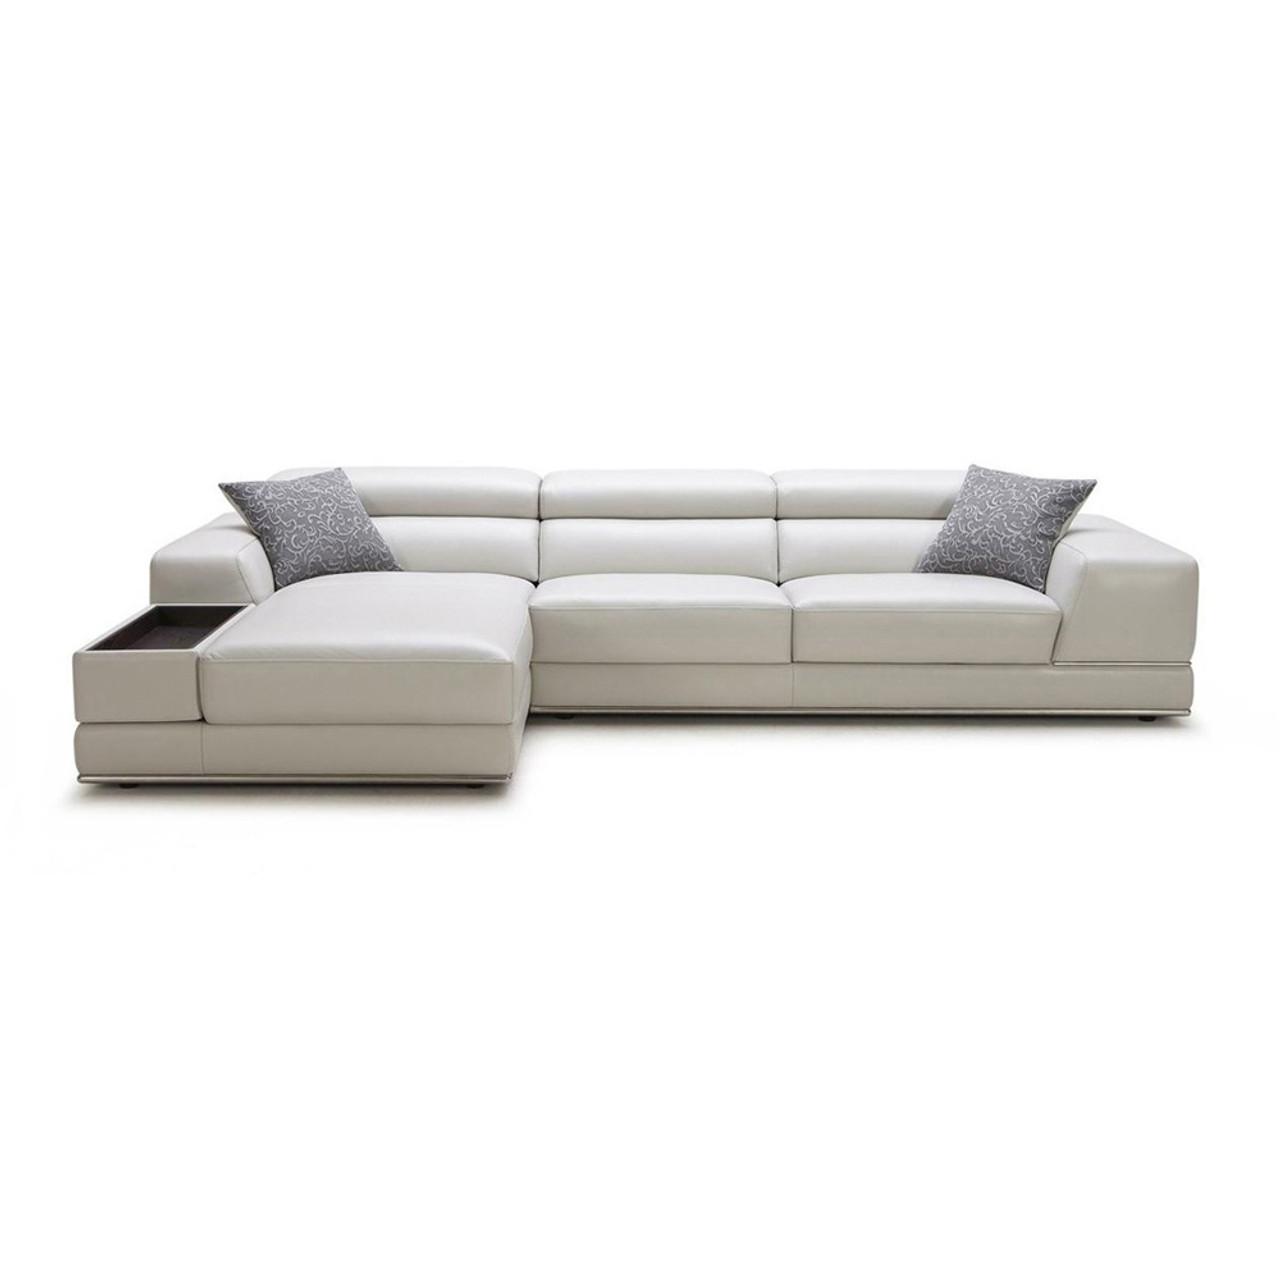 t35 mini modern white leather sectional sofa small 2 seater recliner divani casa pella lounge la